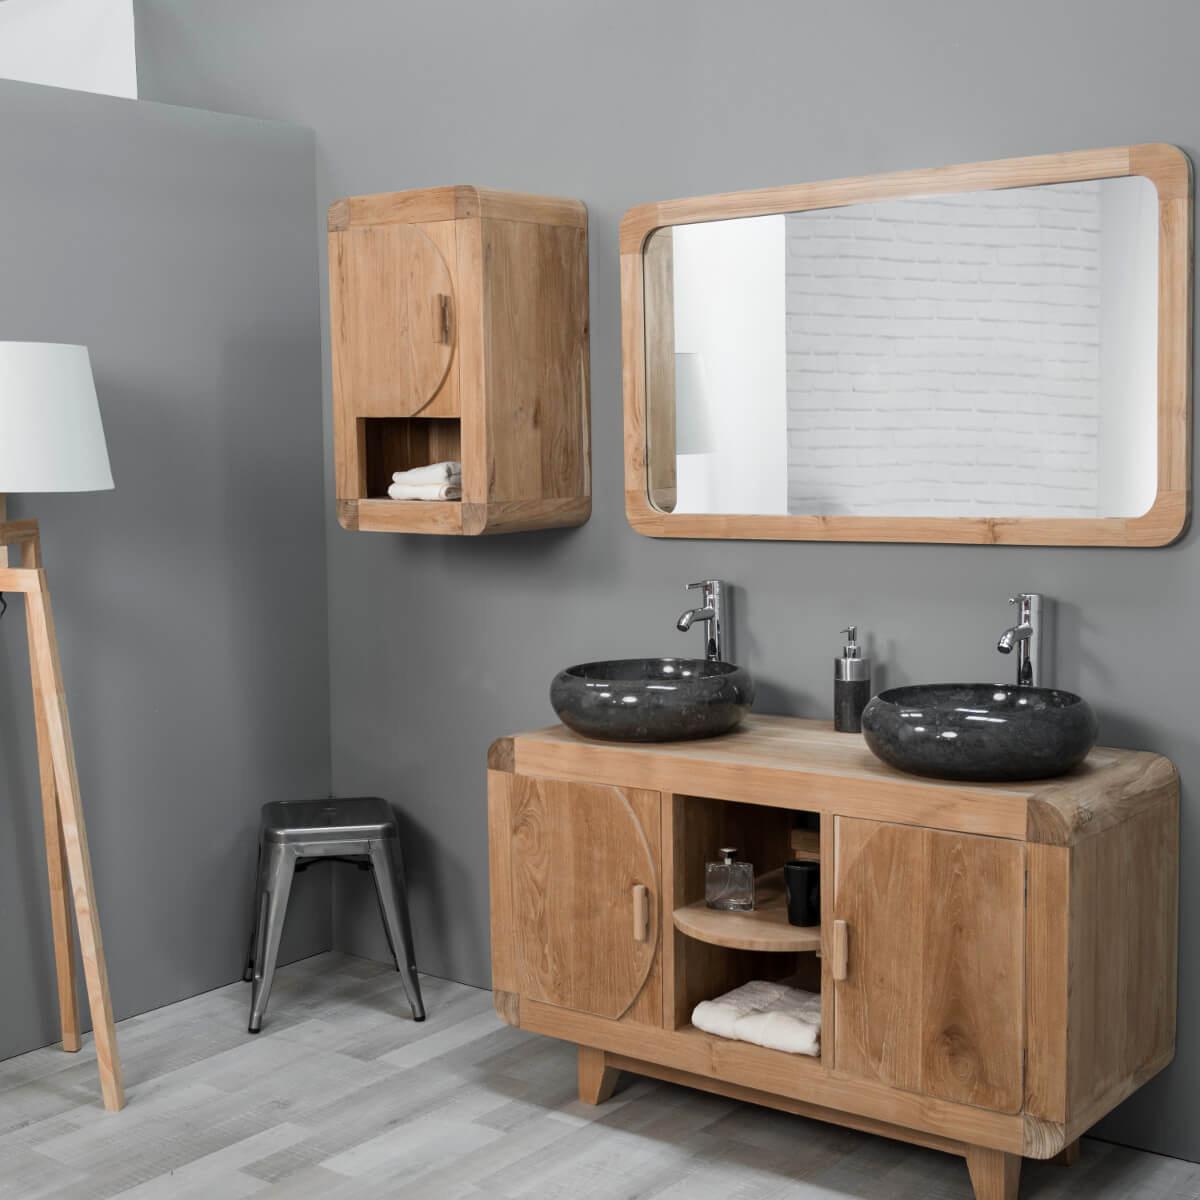 Vasque Encastrable Salle De Bain Ikea Meilleur De Photographie Ikea Meuble sous Vasque Beau Meuble Bas sous Evier Od Up Pack Lavabo